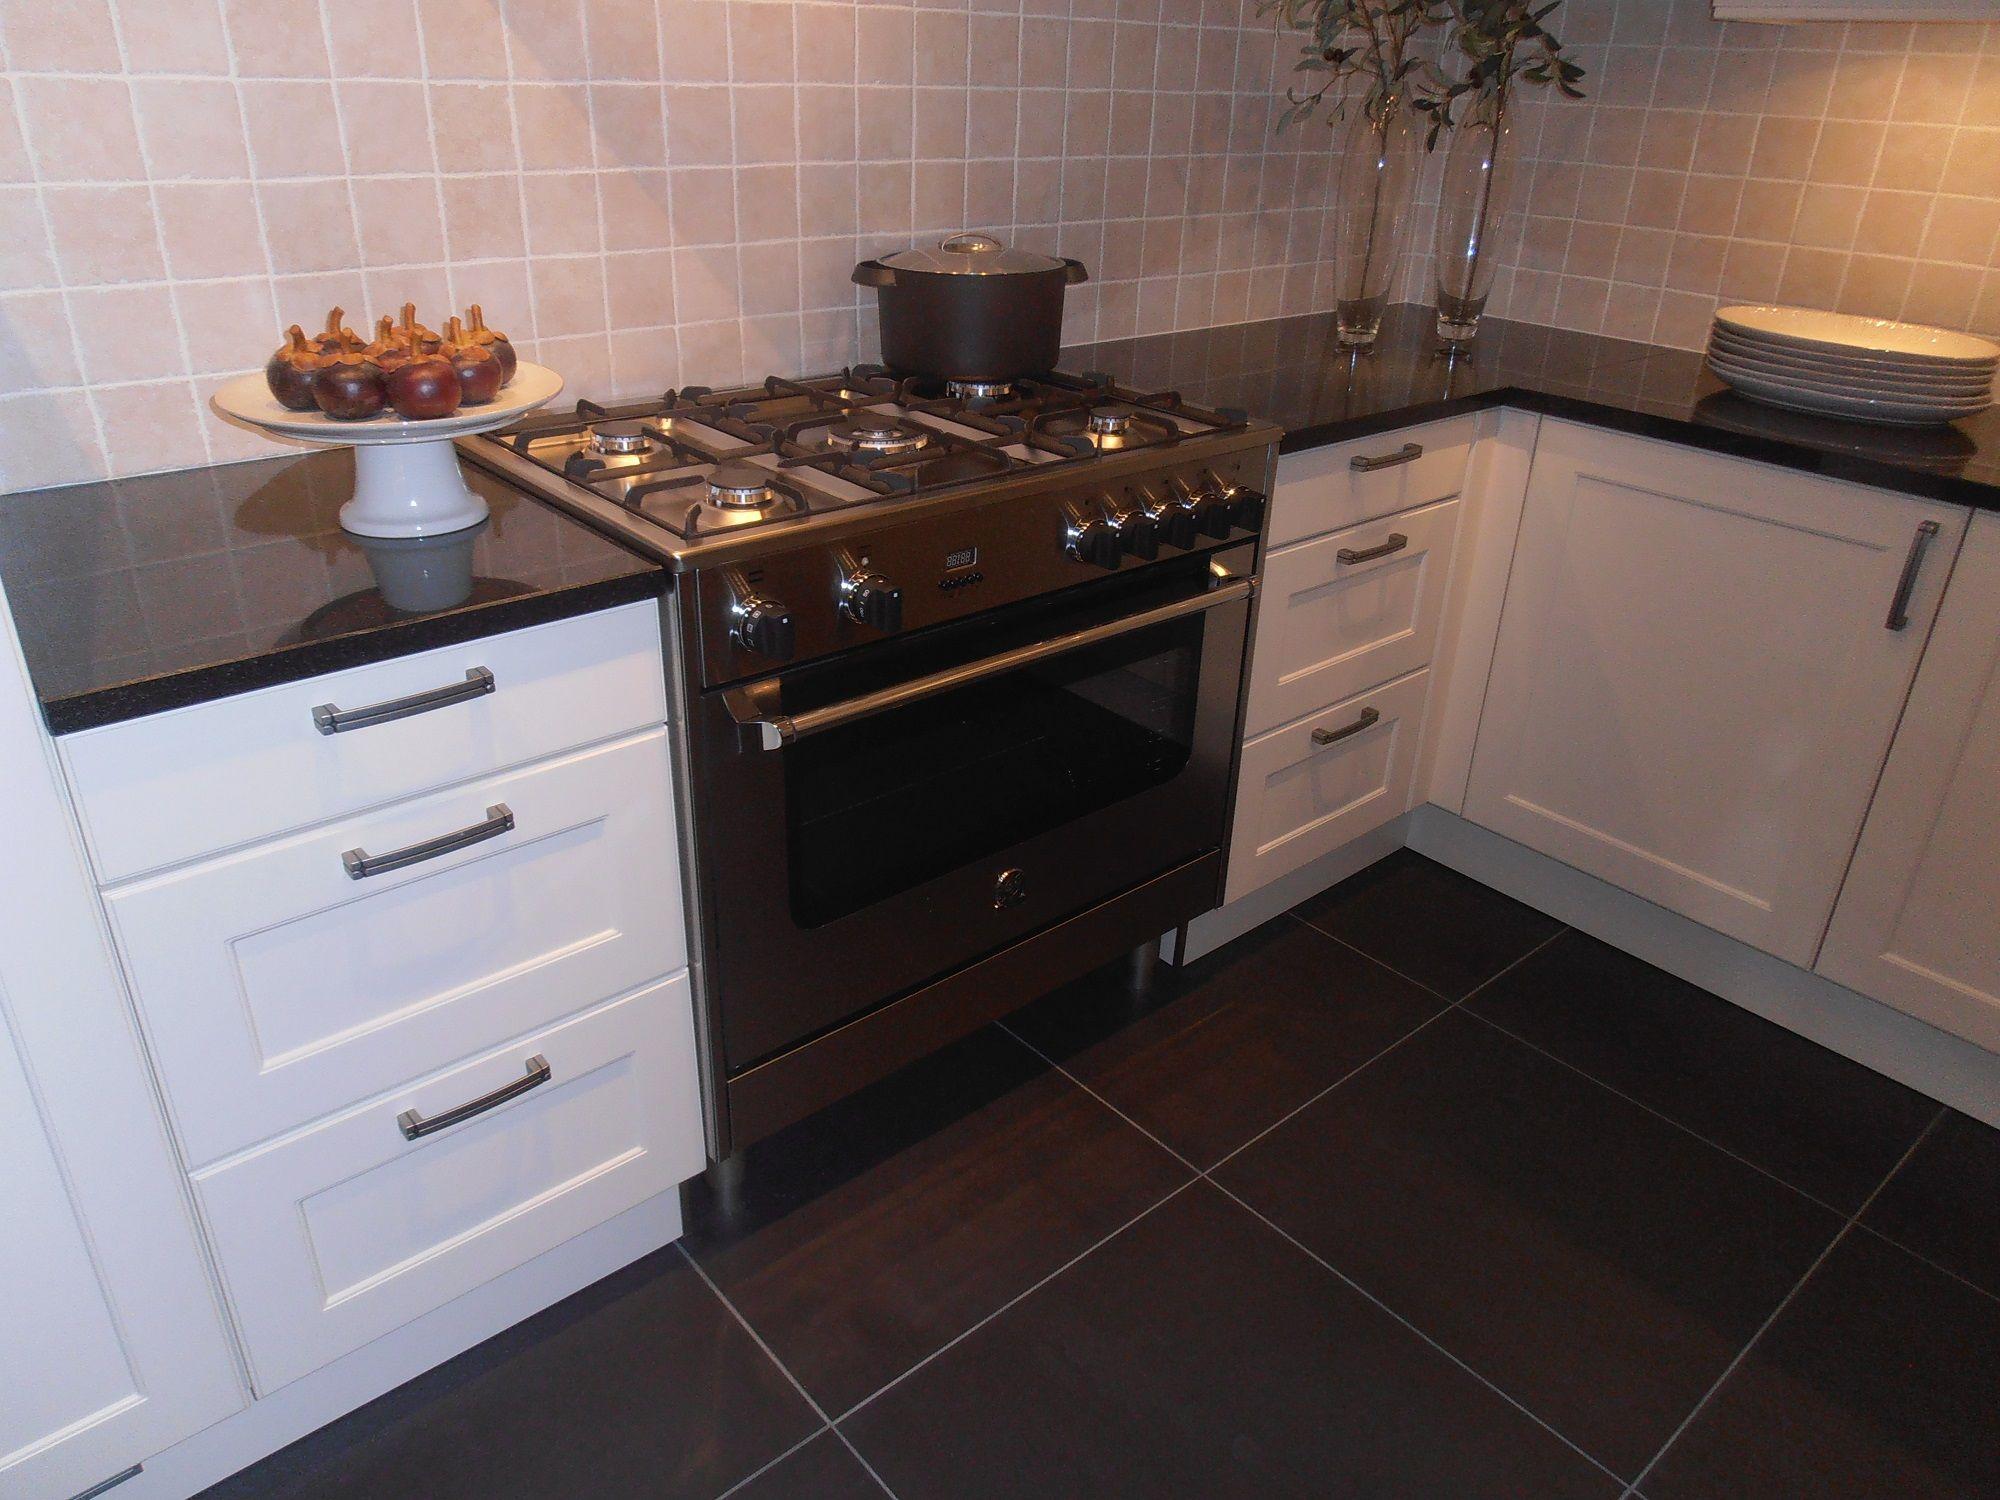 Landelijke keuken met granieten werkblad 50456 - Keuken met granieten werkblad ...